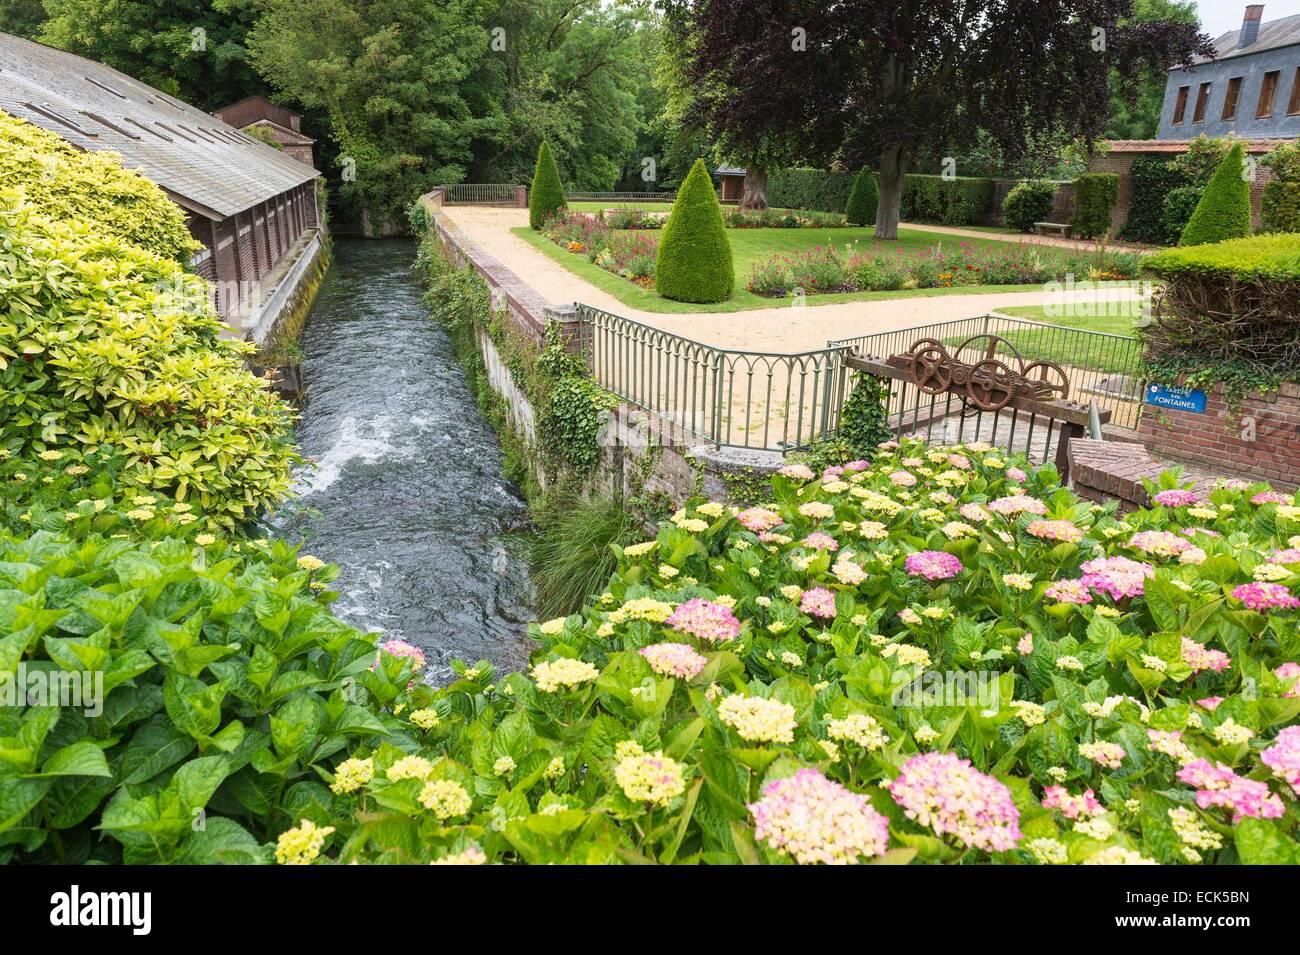 France, Seine Maritime, Eu, Fountains garden along the Bresle river - Stock Image